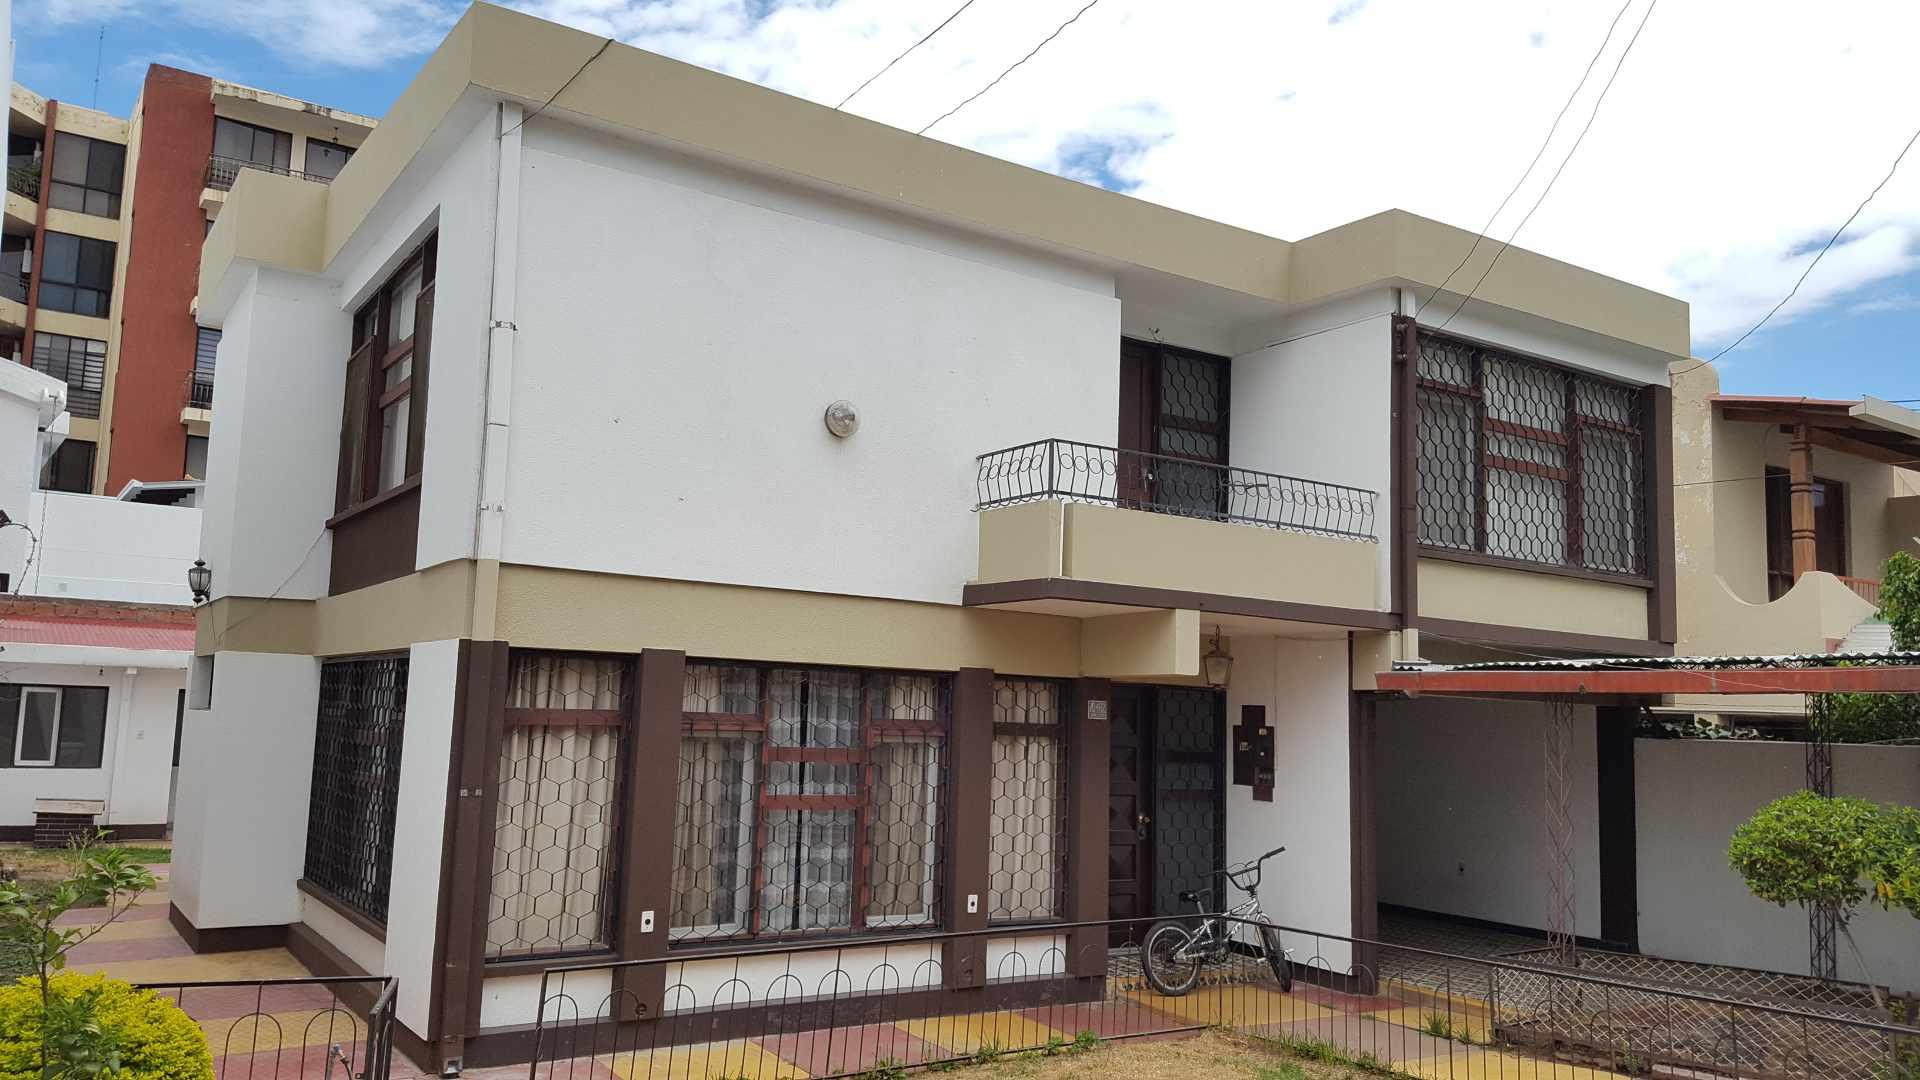 Casa en Alquiler $us.- 1.500.- ALQUILO BONITA CASA PARA OFICINAS/EMPRESA -  AV. PORTALES ENTRE SANTA CRUZ Y POTOSÍ - CEL: 707-58508 Foto 2